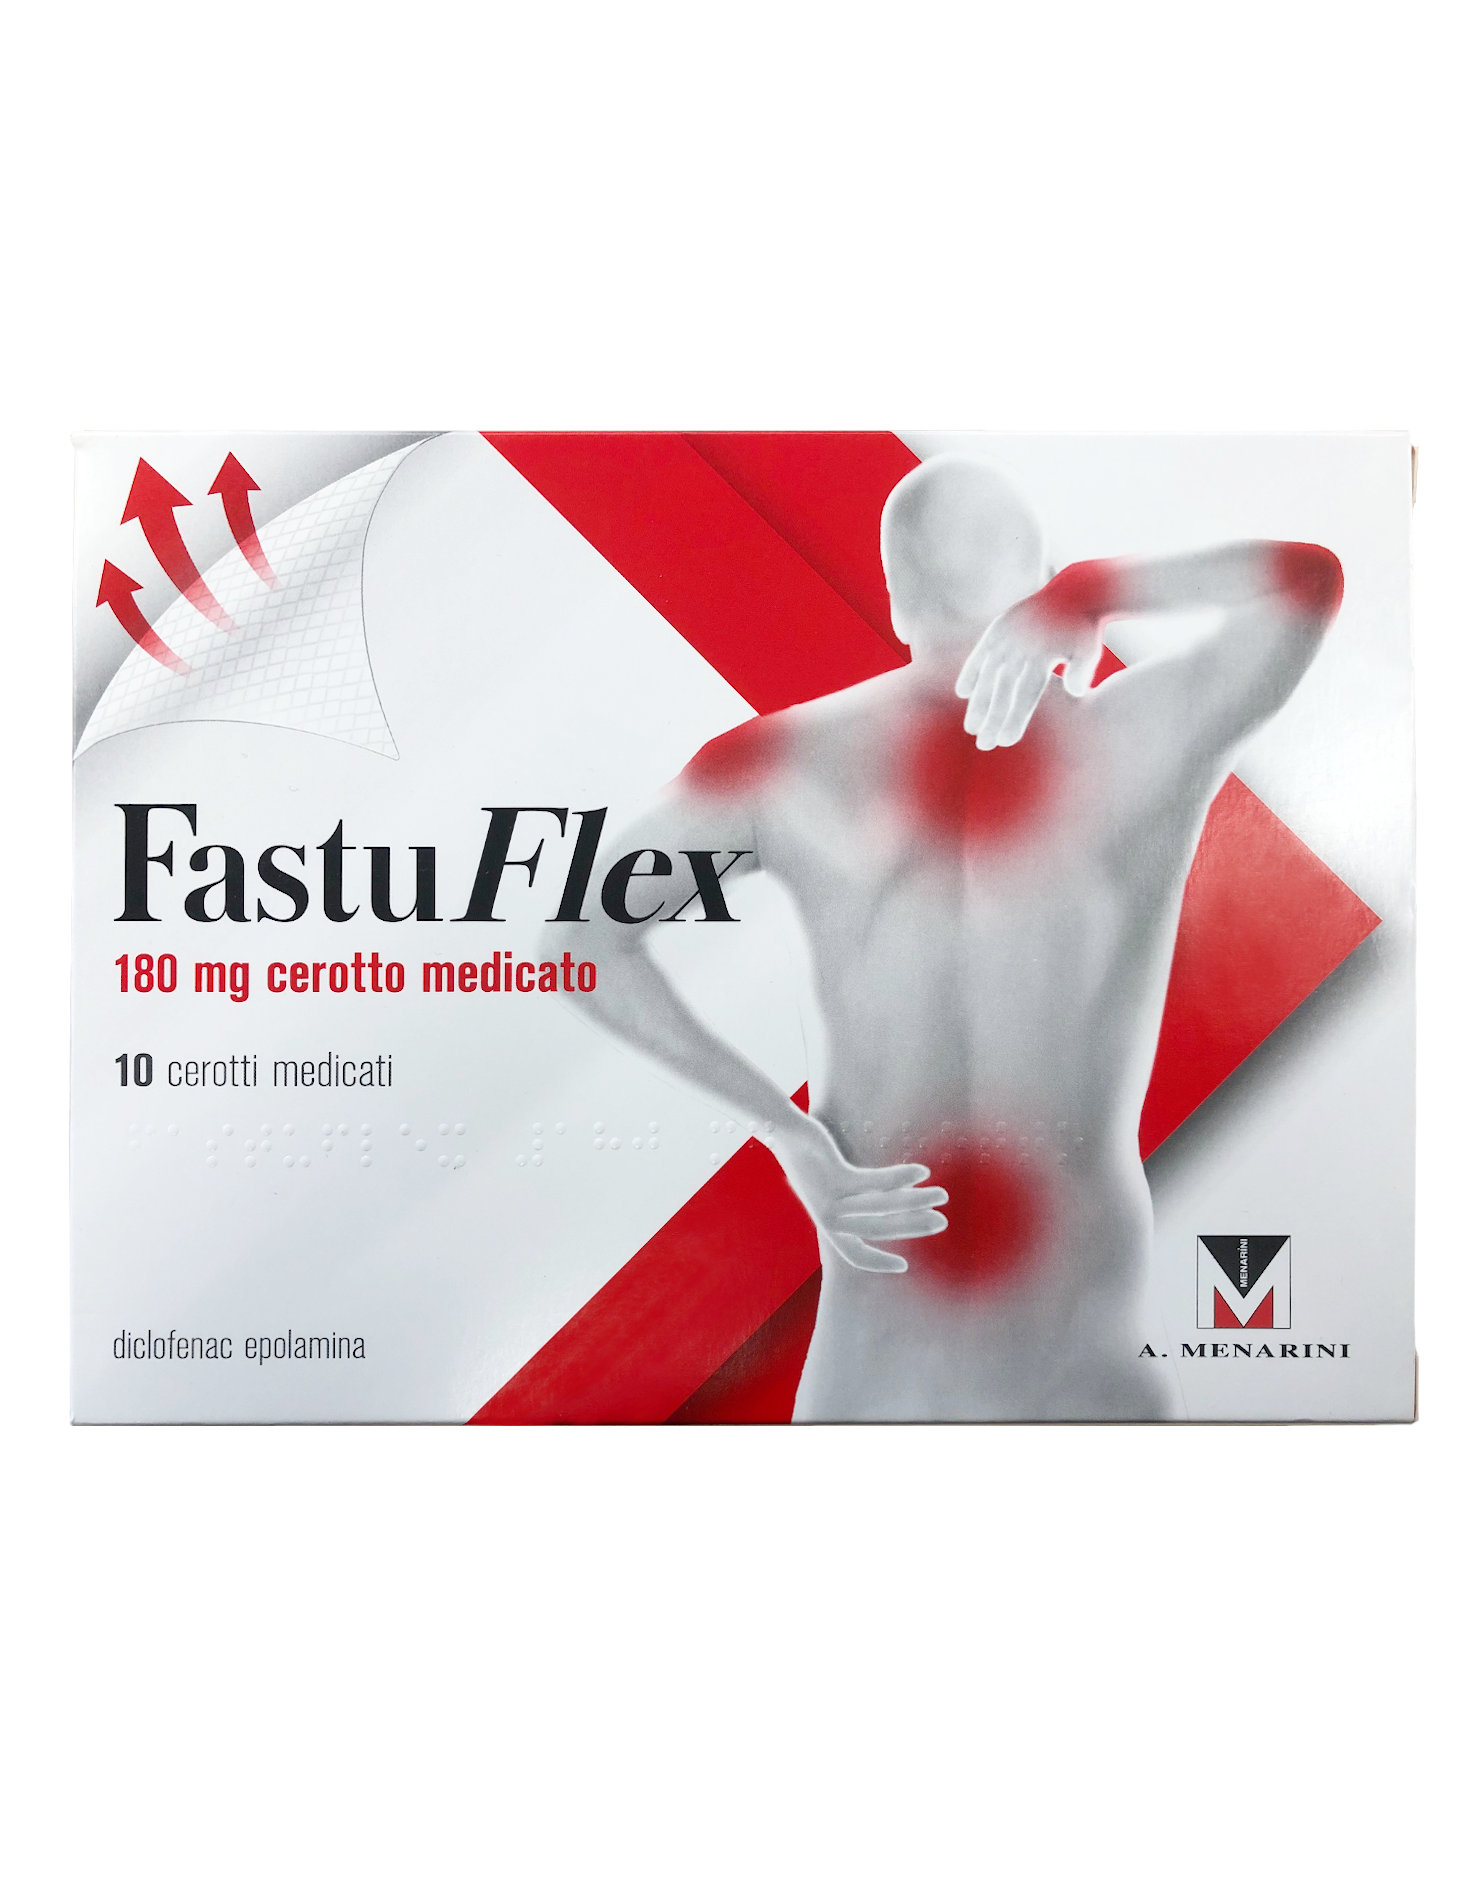 FastuFlex 180 mg di FASTUM (10 cerotti medicati)